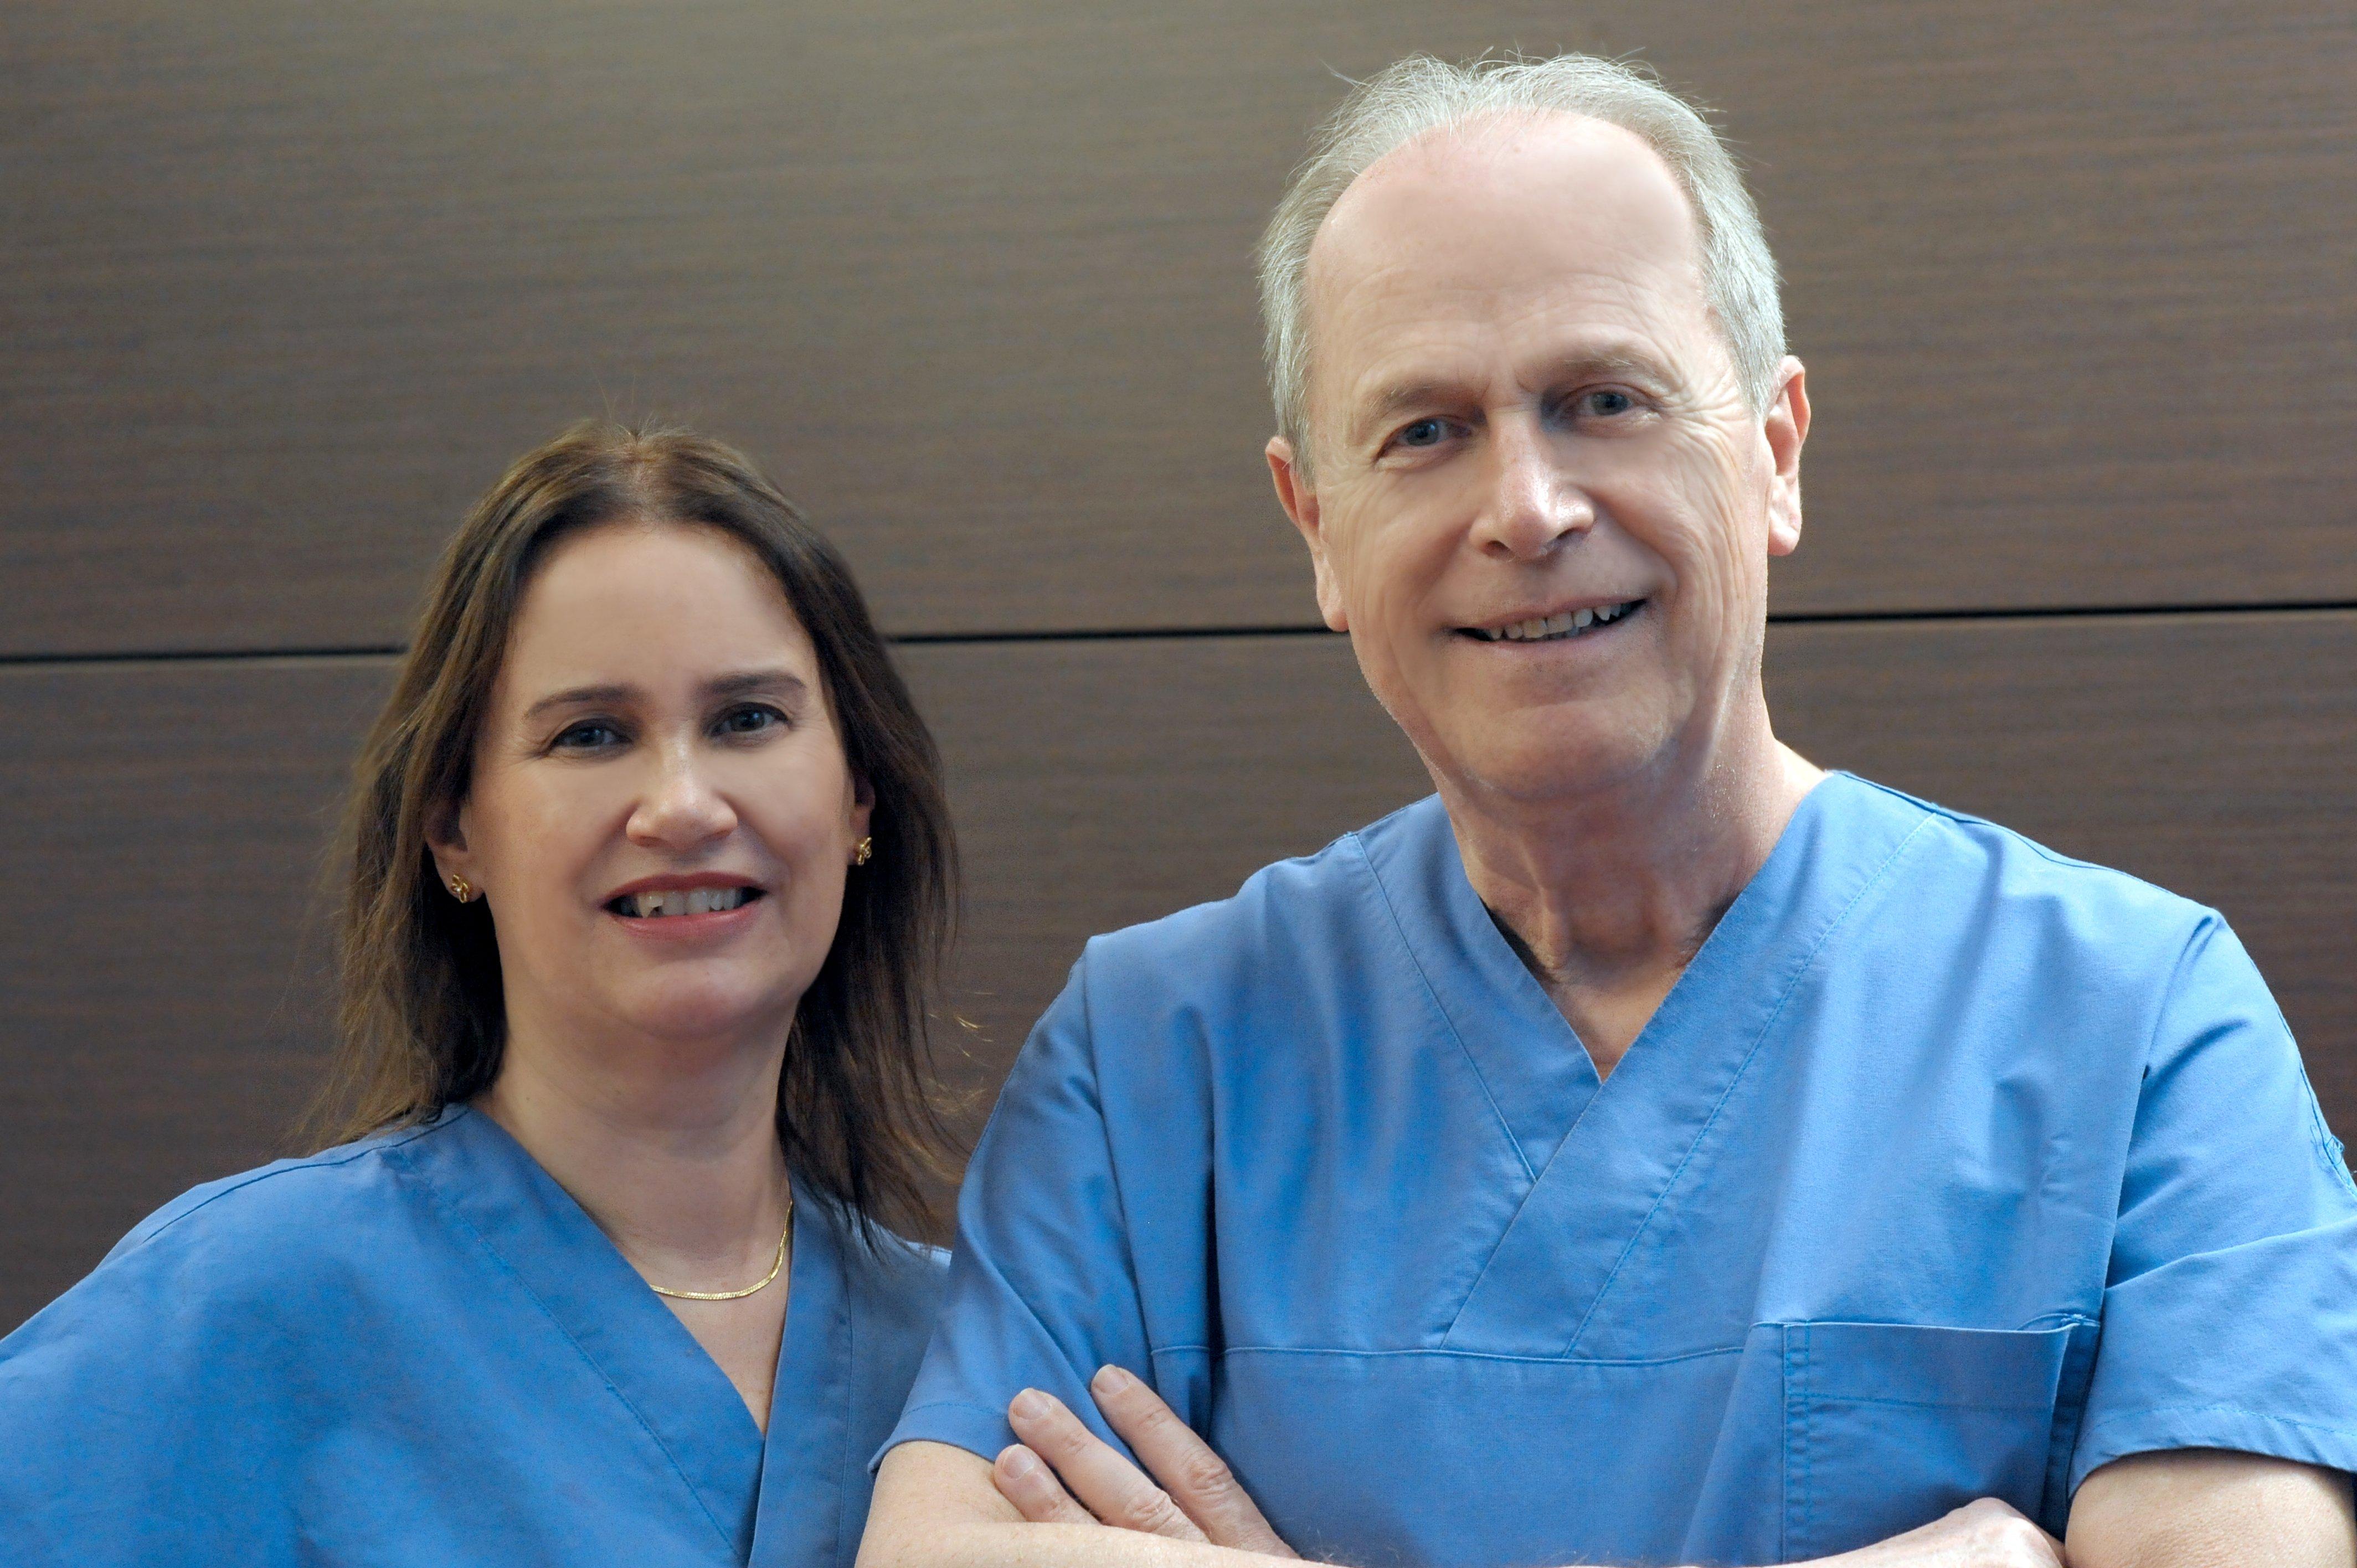 centro Terapia laser della parodontite a Verona.